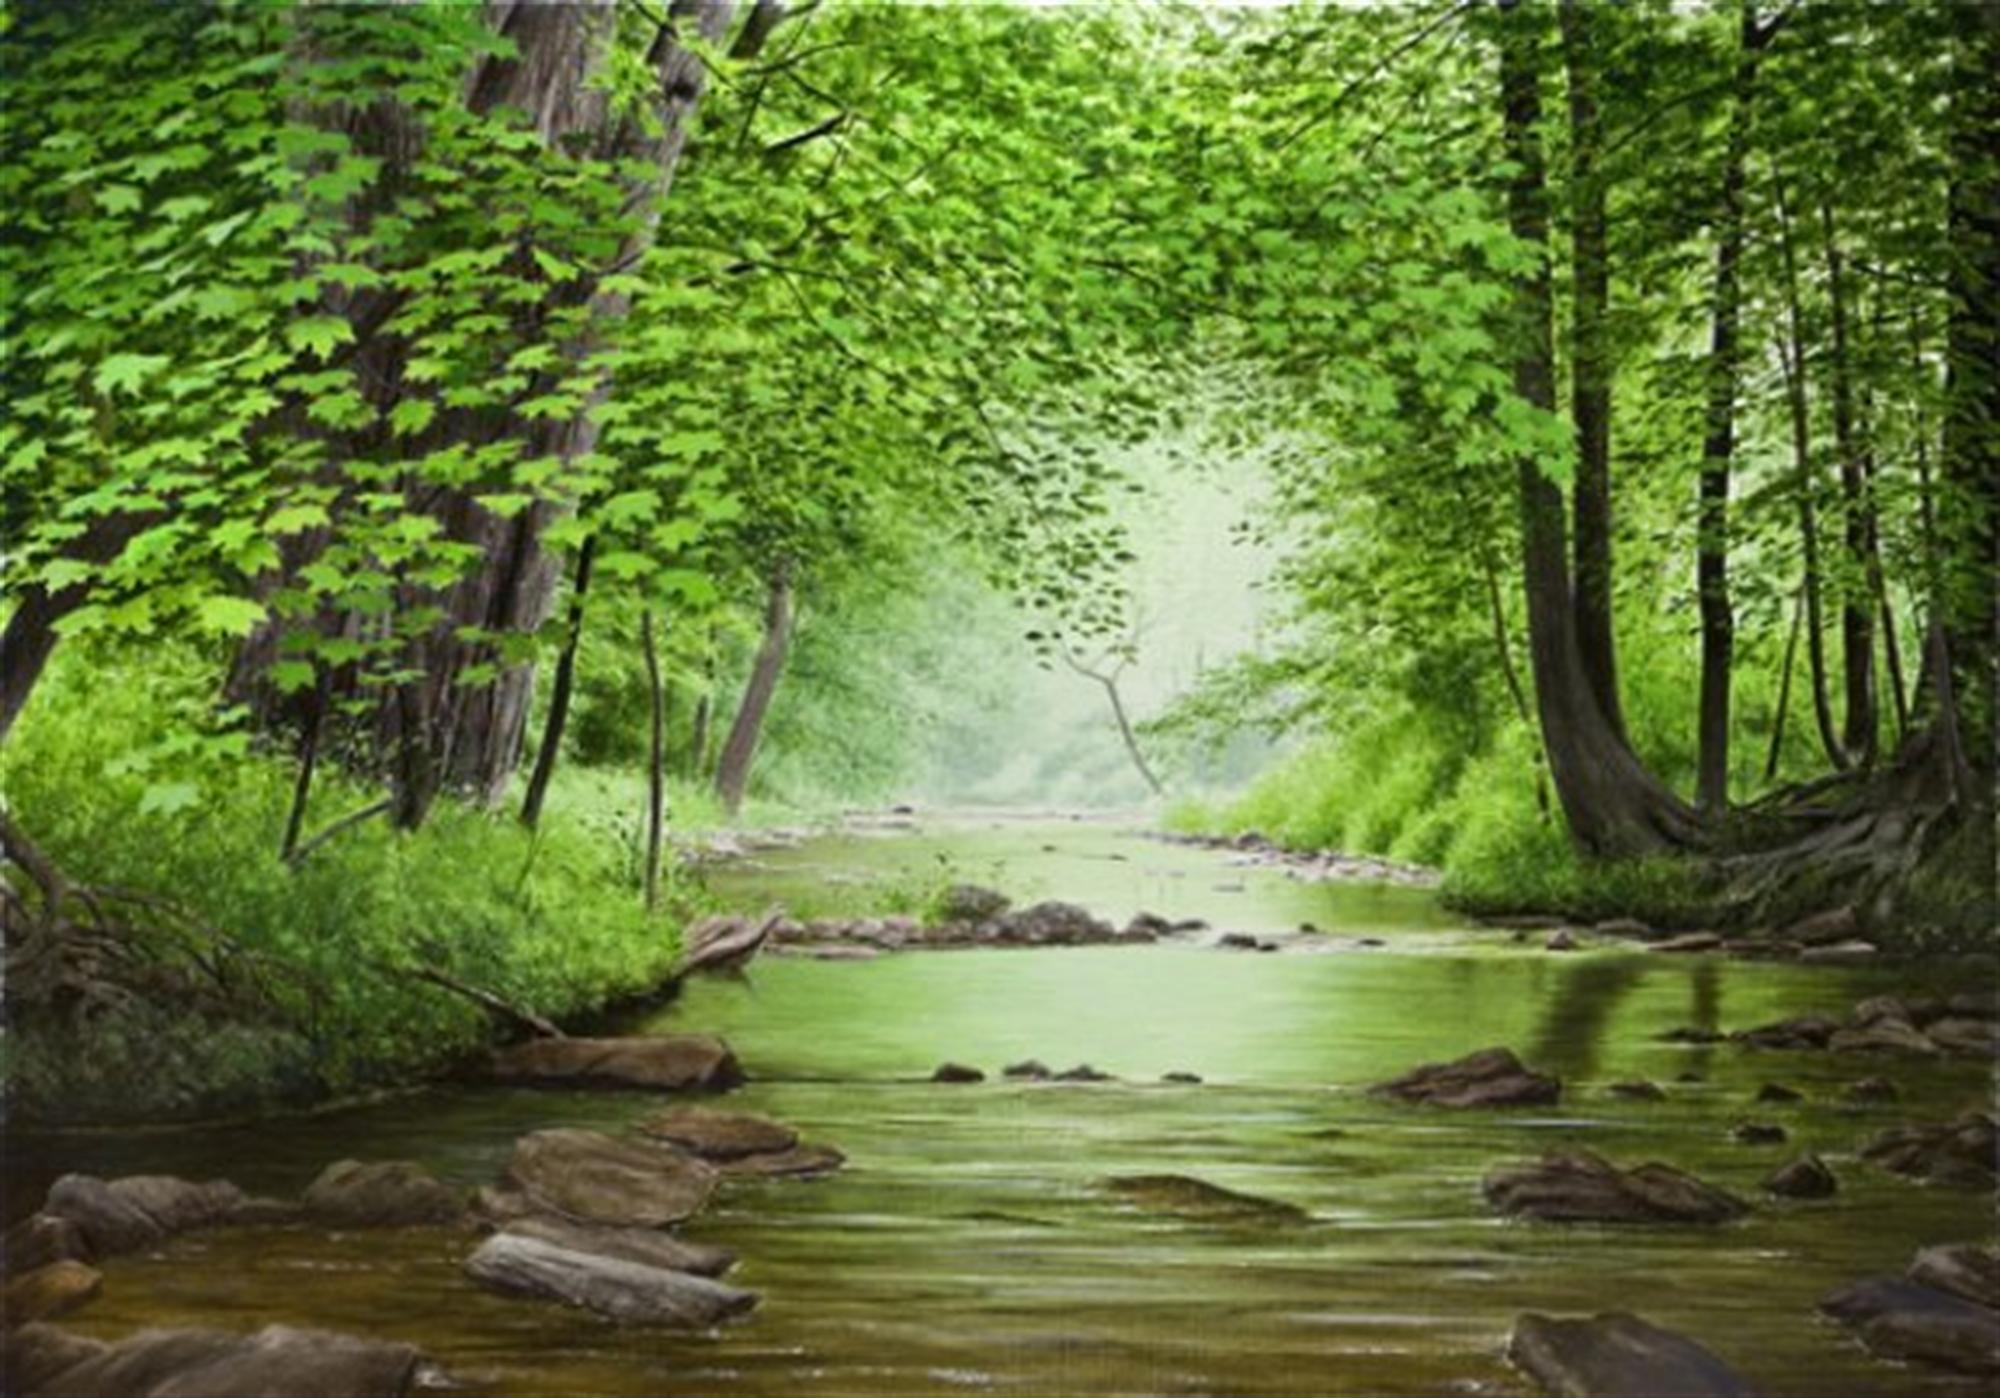 Summer Creek by Alexander Volkov